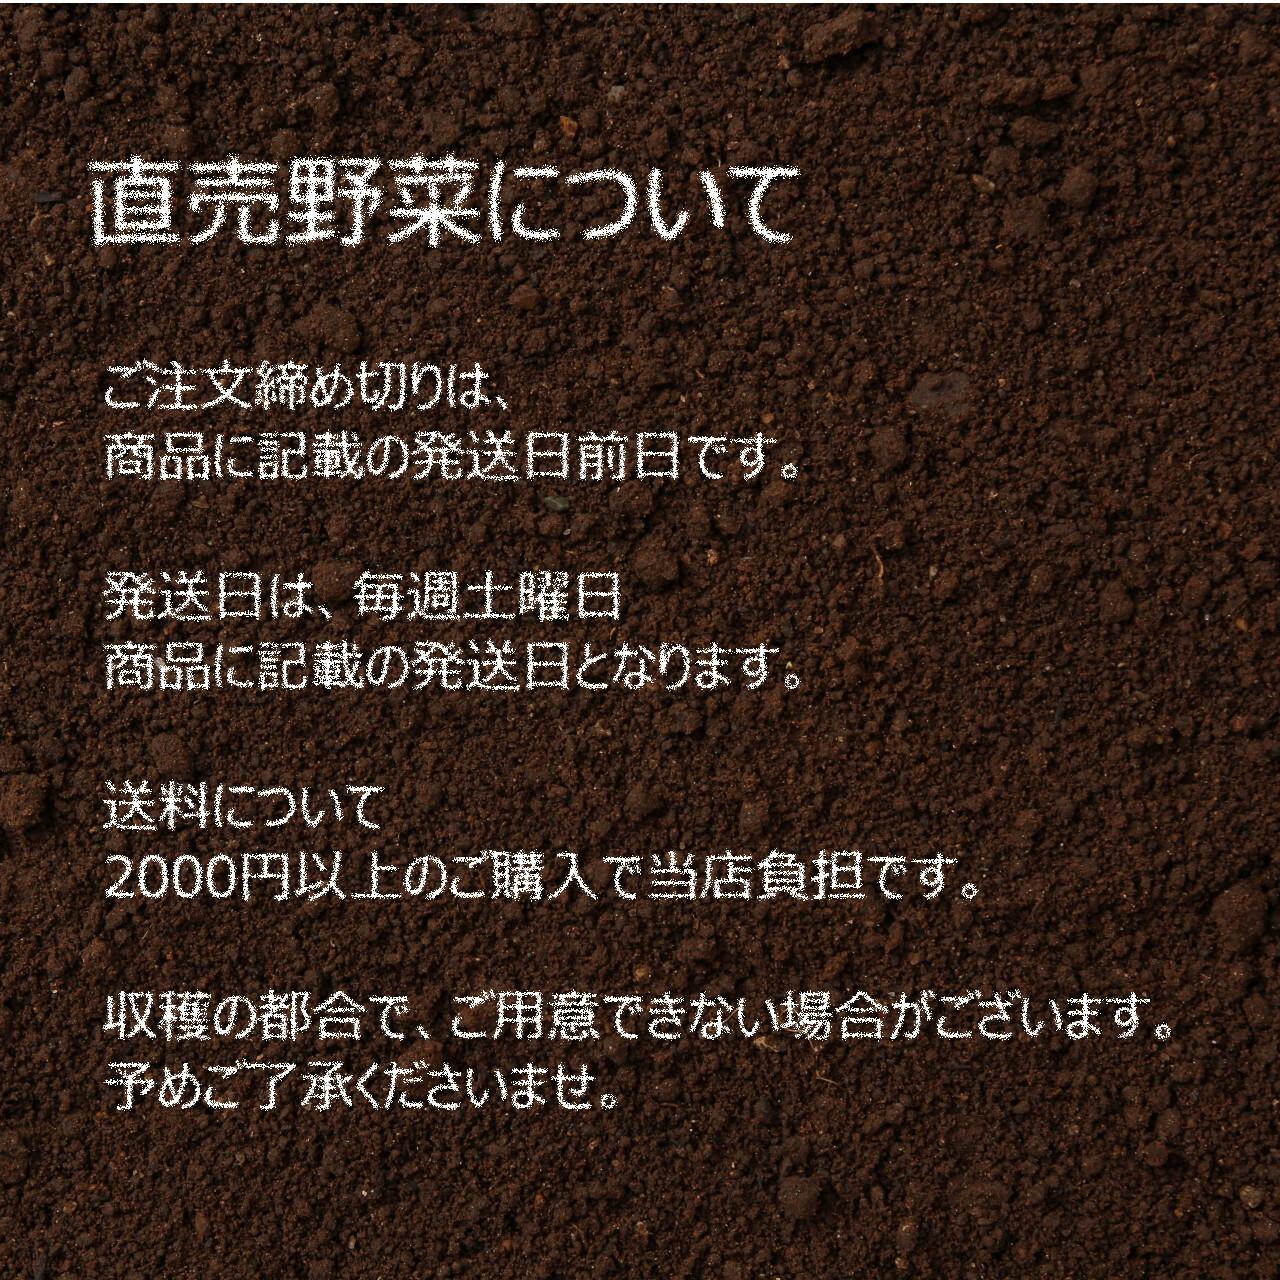 11月の朝採り直売野菜 : ブロッコリー 約 1個: 新鮮な秋野菜 11月2日発送予定